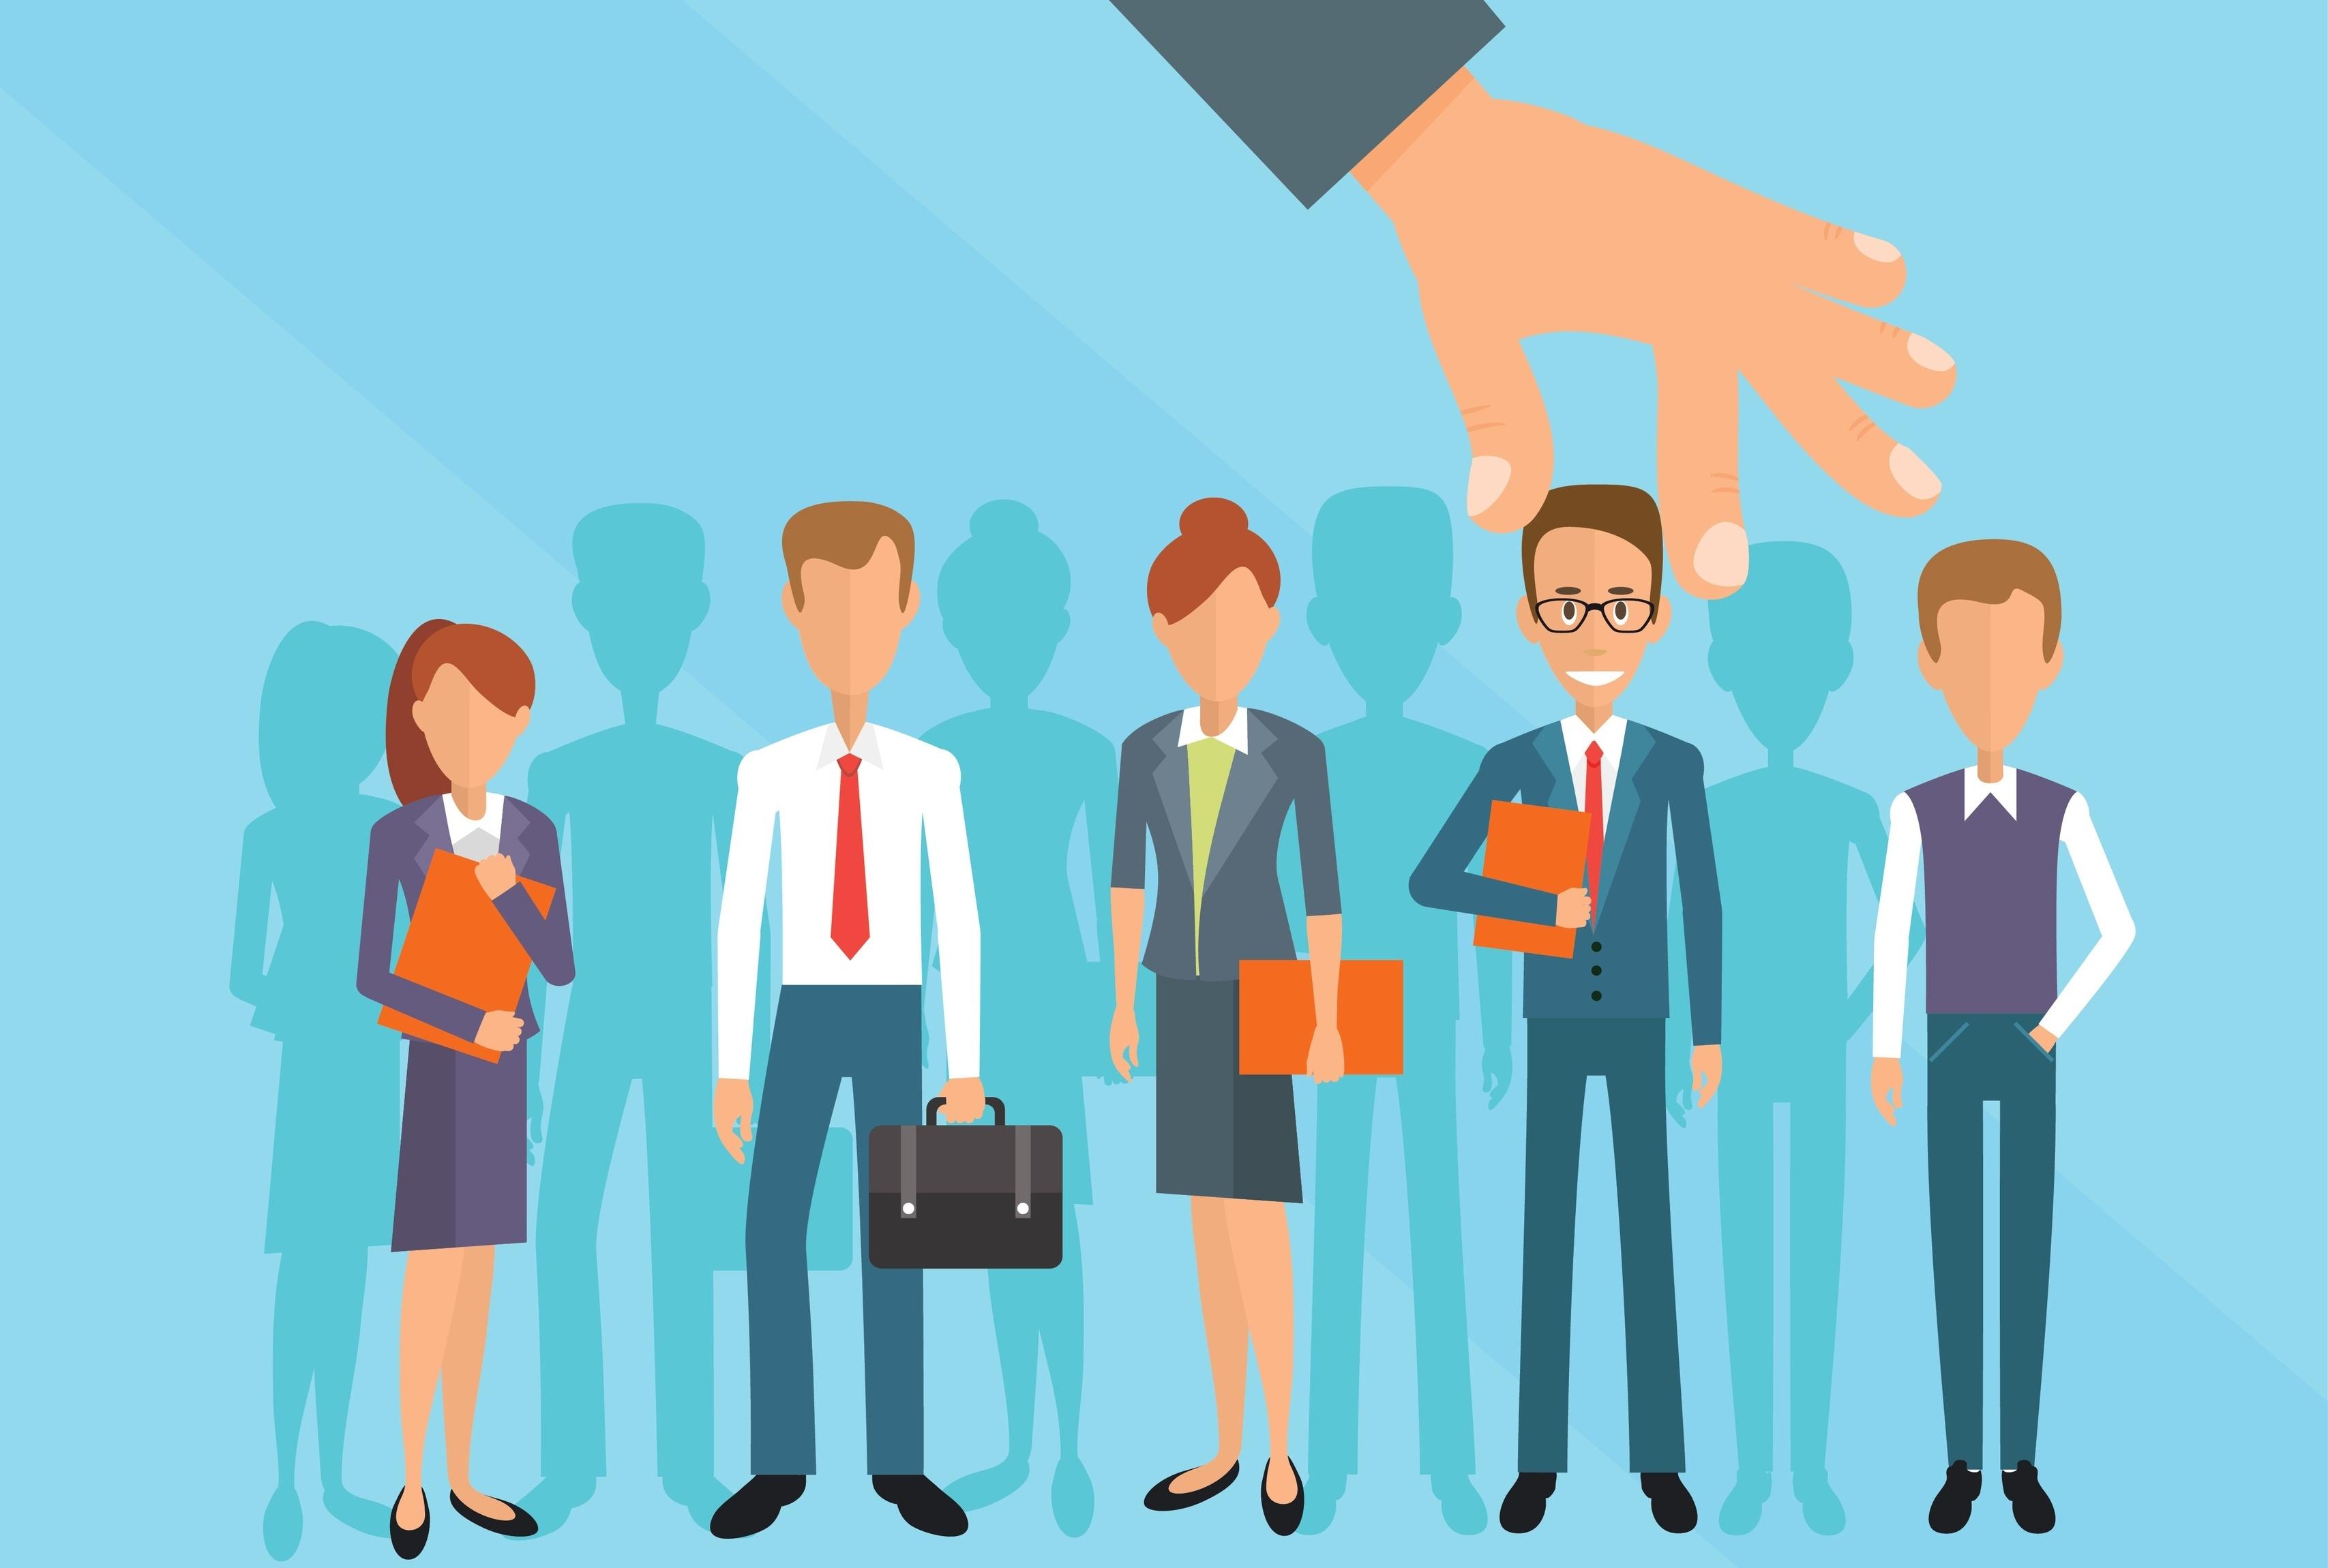 4errores comunes que conducen a malas contrataciones (y cómo evitarlos)